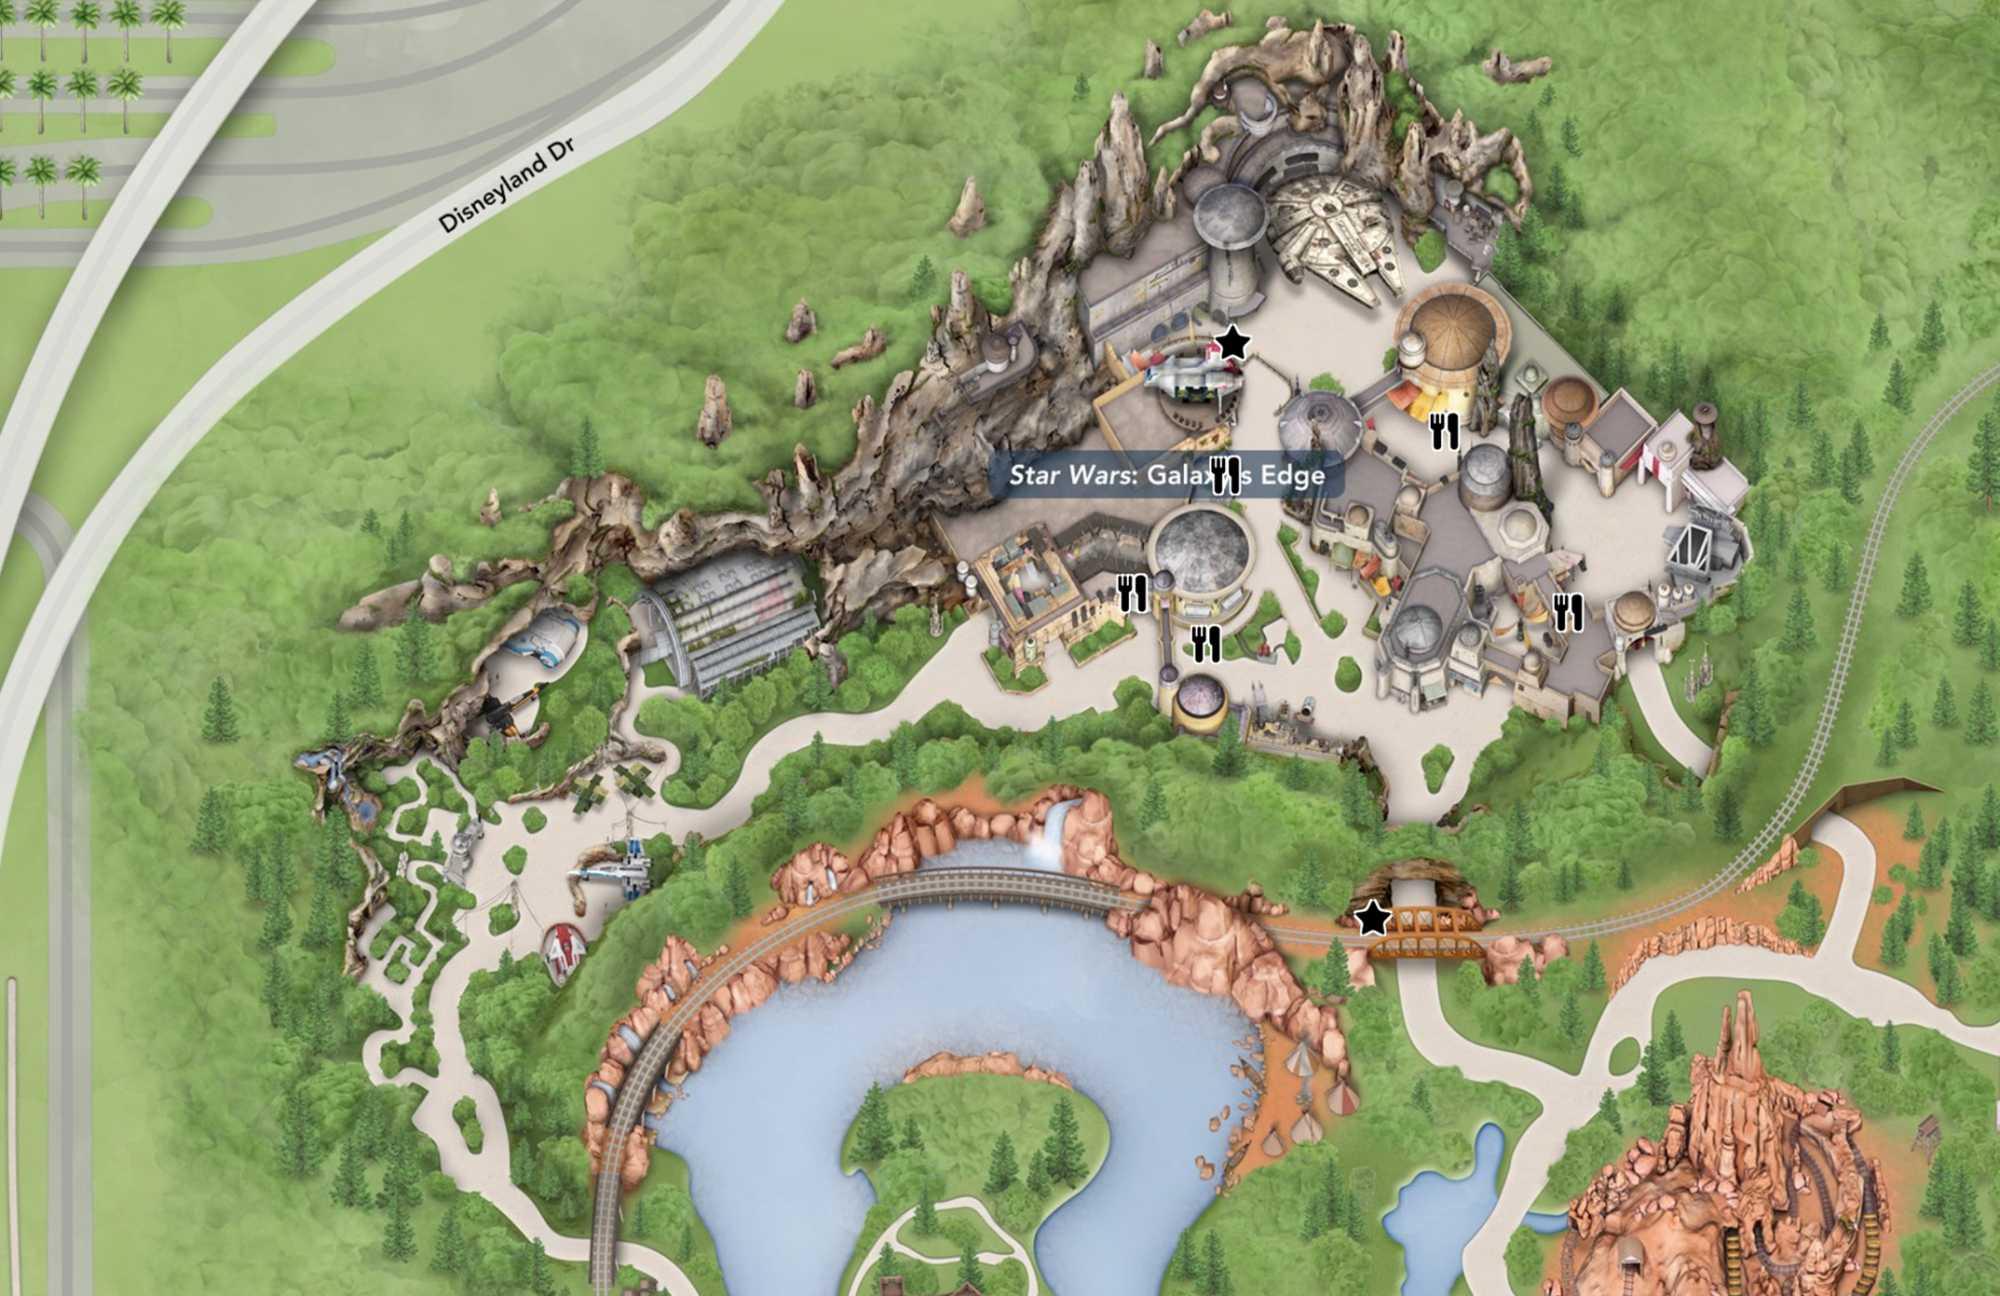 Disney hat für Galaxy's Edge eine Fl?che von rund 56.500 Quadratmetern bebaut.